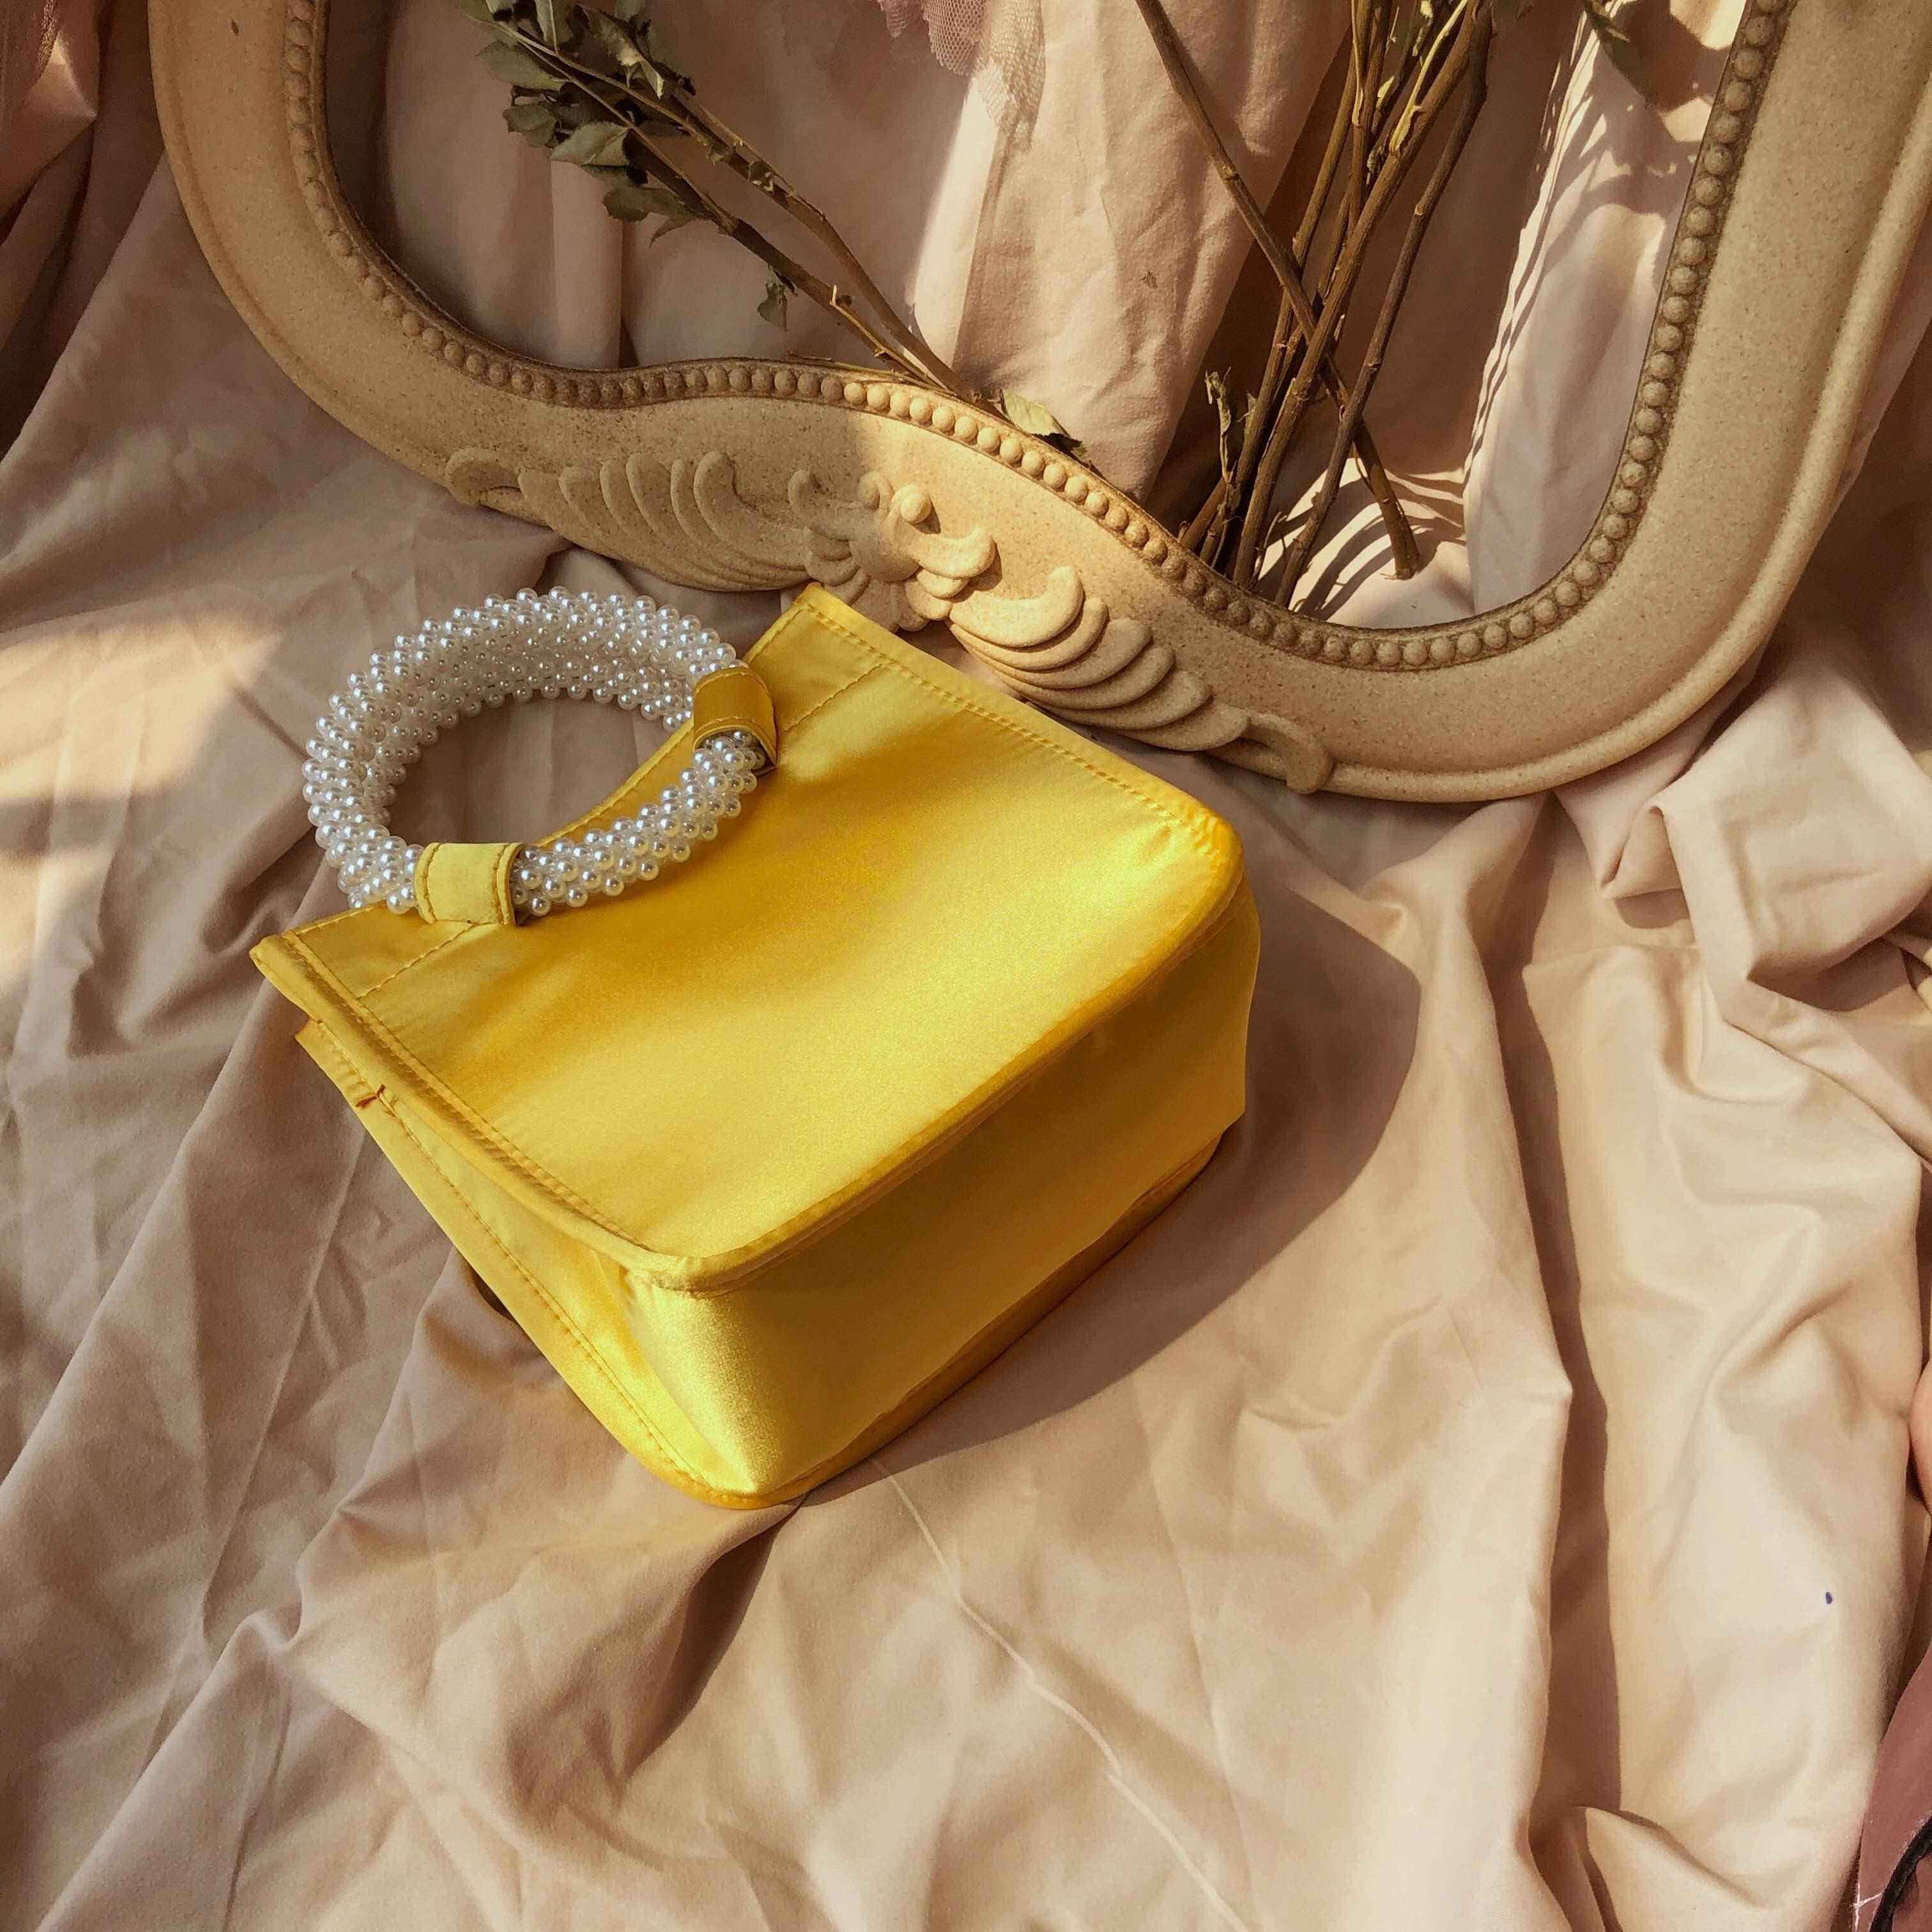 黄色复古包 小香风小众复古轻奢包黄色绸缎新款珍珠手提斜挎时尚设计感女包潮_推荐淘宝好看的黄色复古包